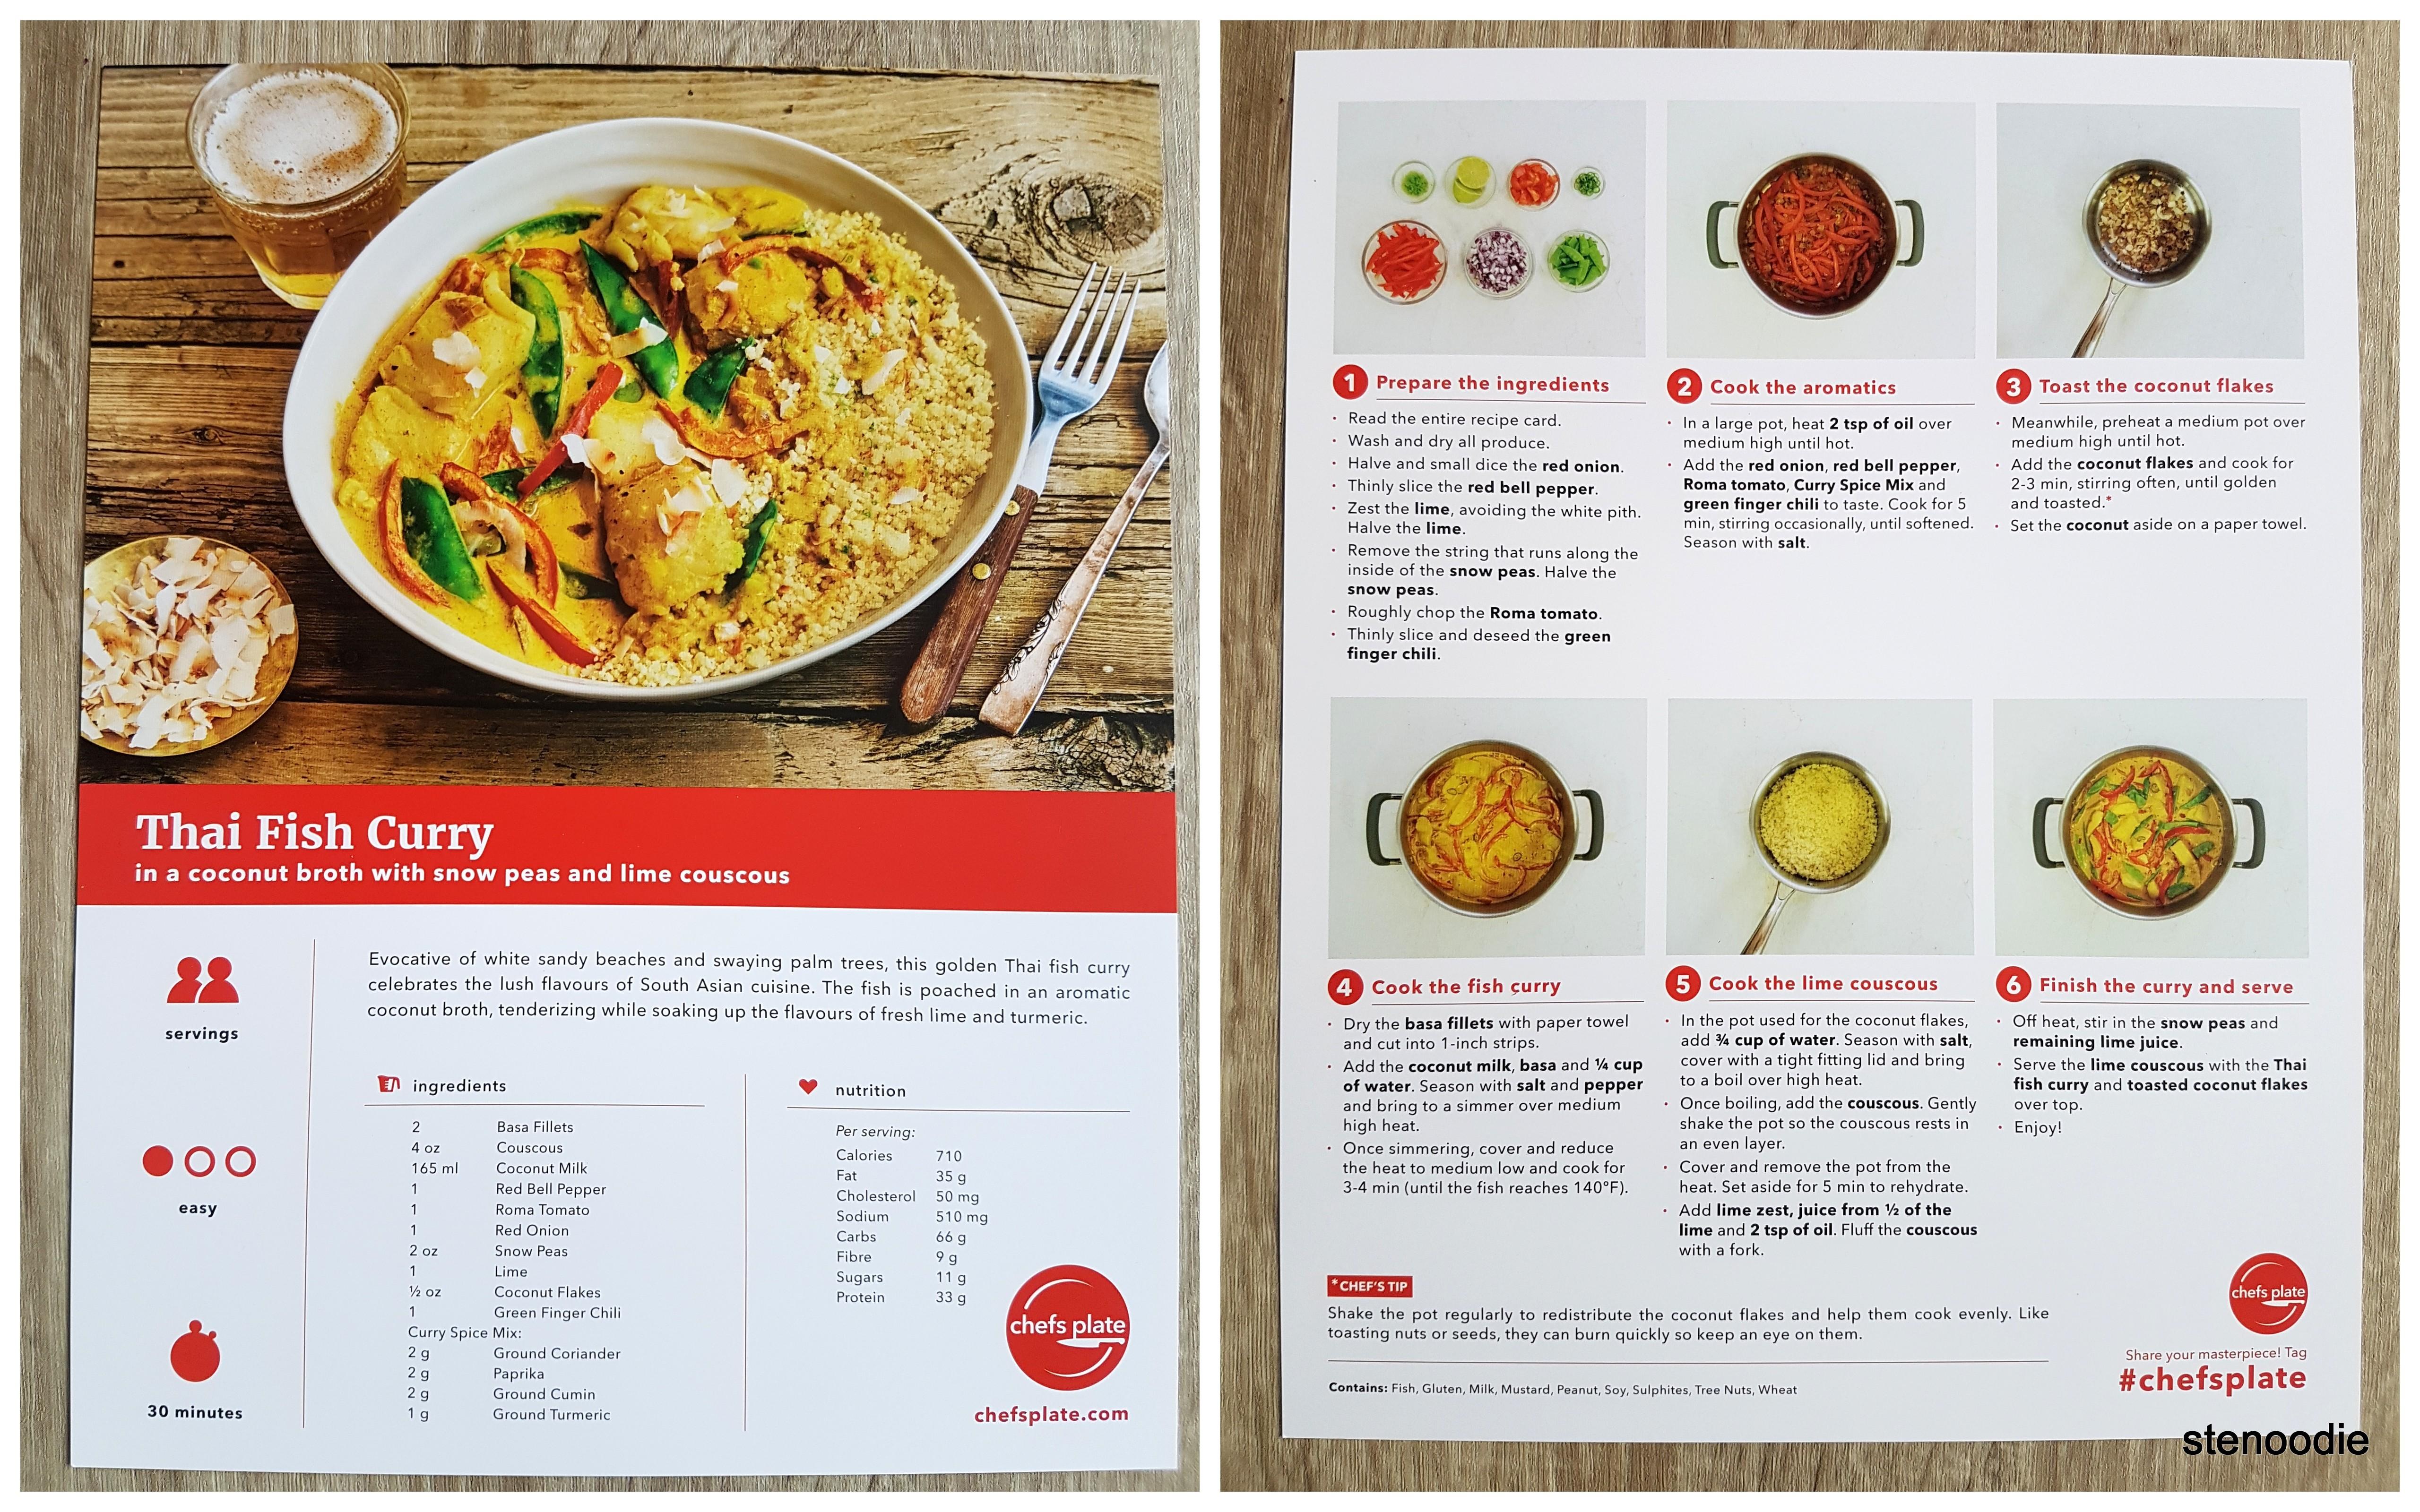 Thai Fish Curry recipe card